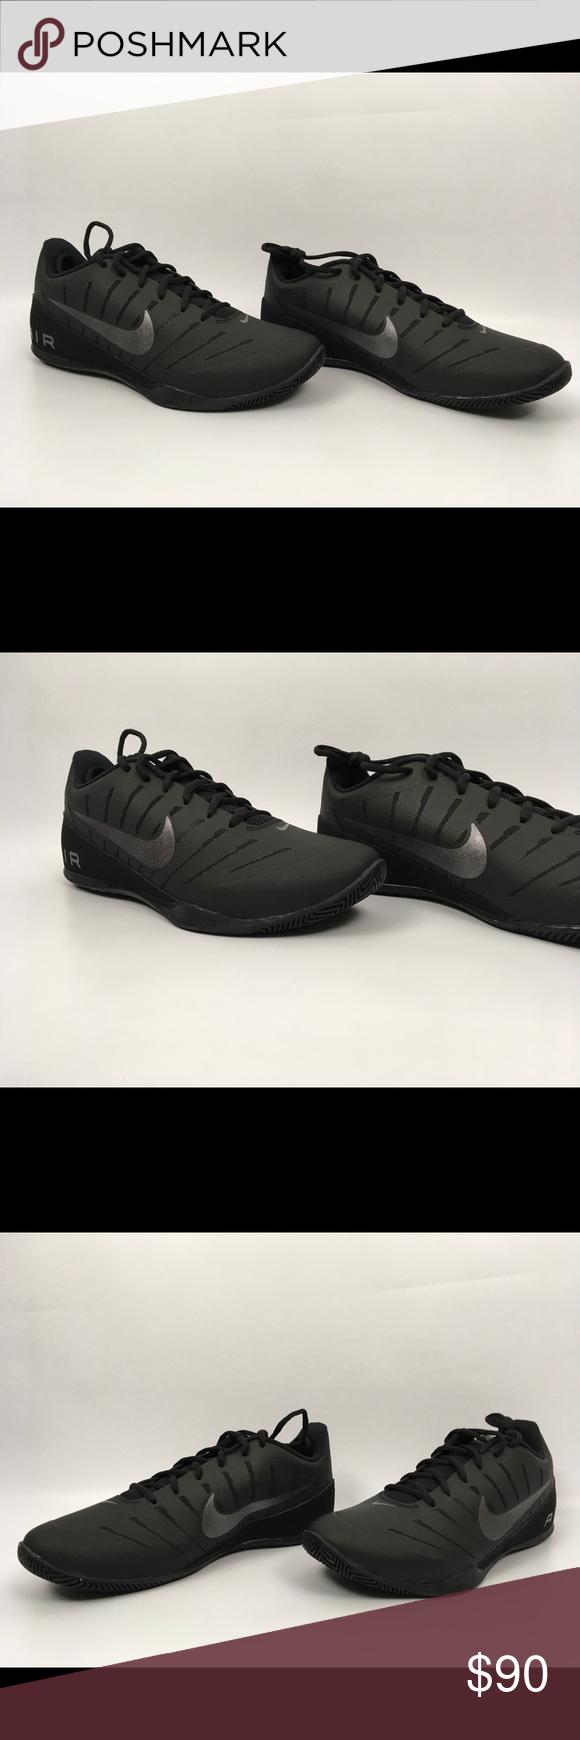 best website 5dfca 78a1d Nike Air Mavin Low 2 Basketball Shoes Black 9.5 Men s Nike Air Mavin Low 2  Basketball